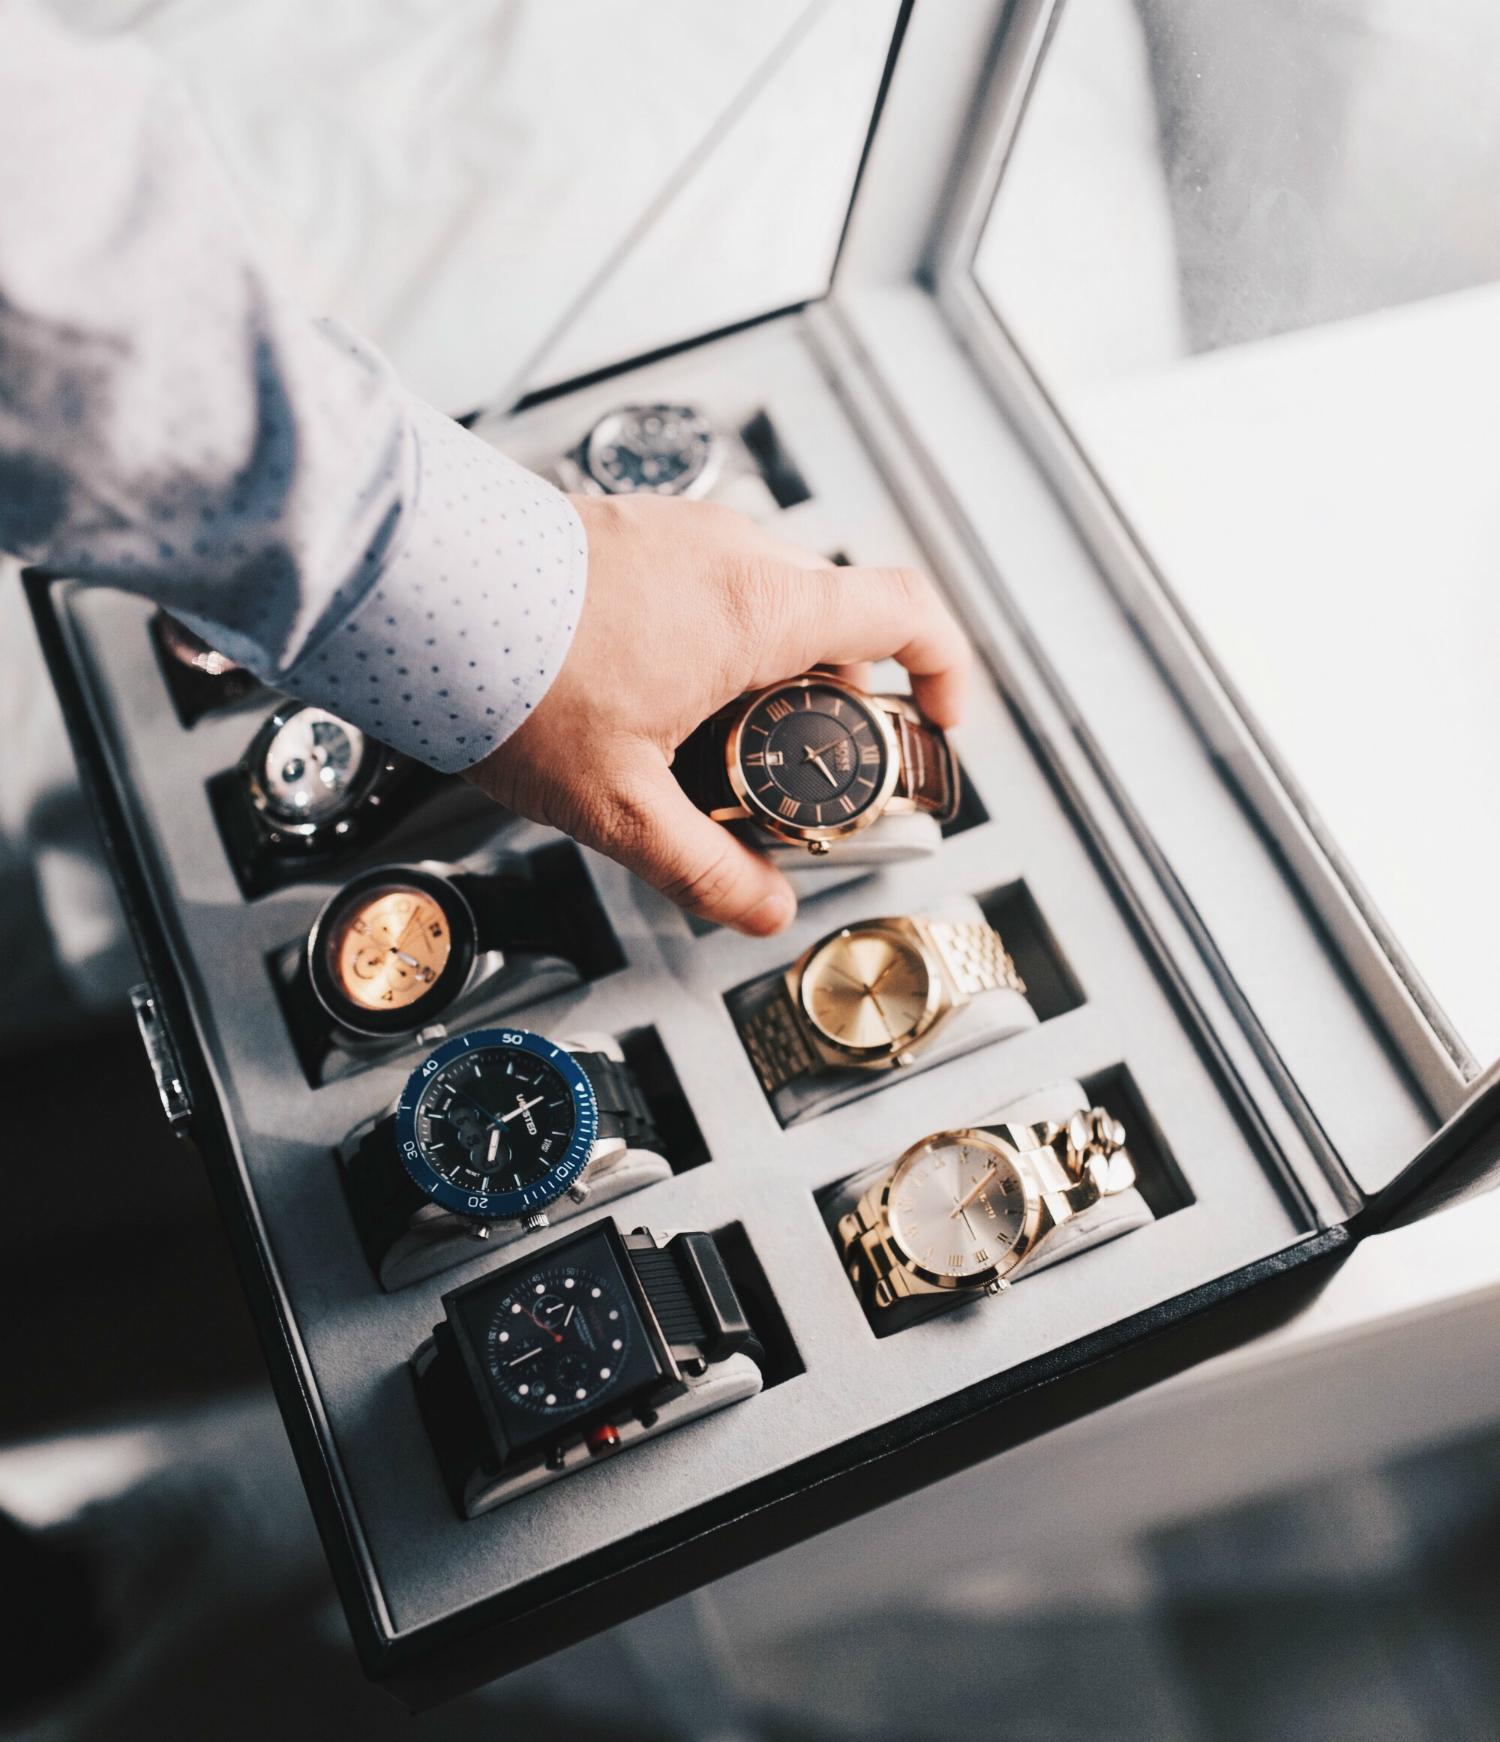 Boîte de rangement pour les montres